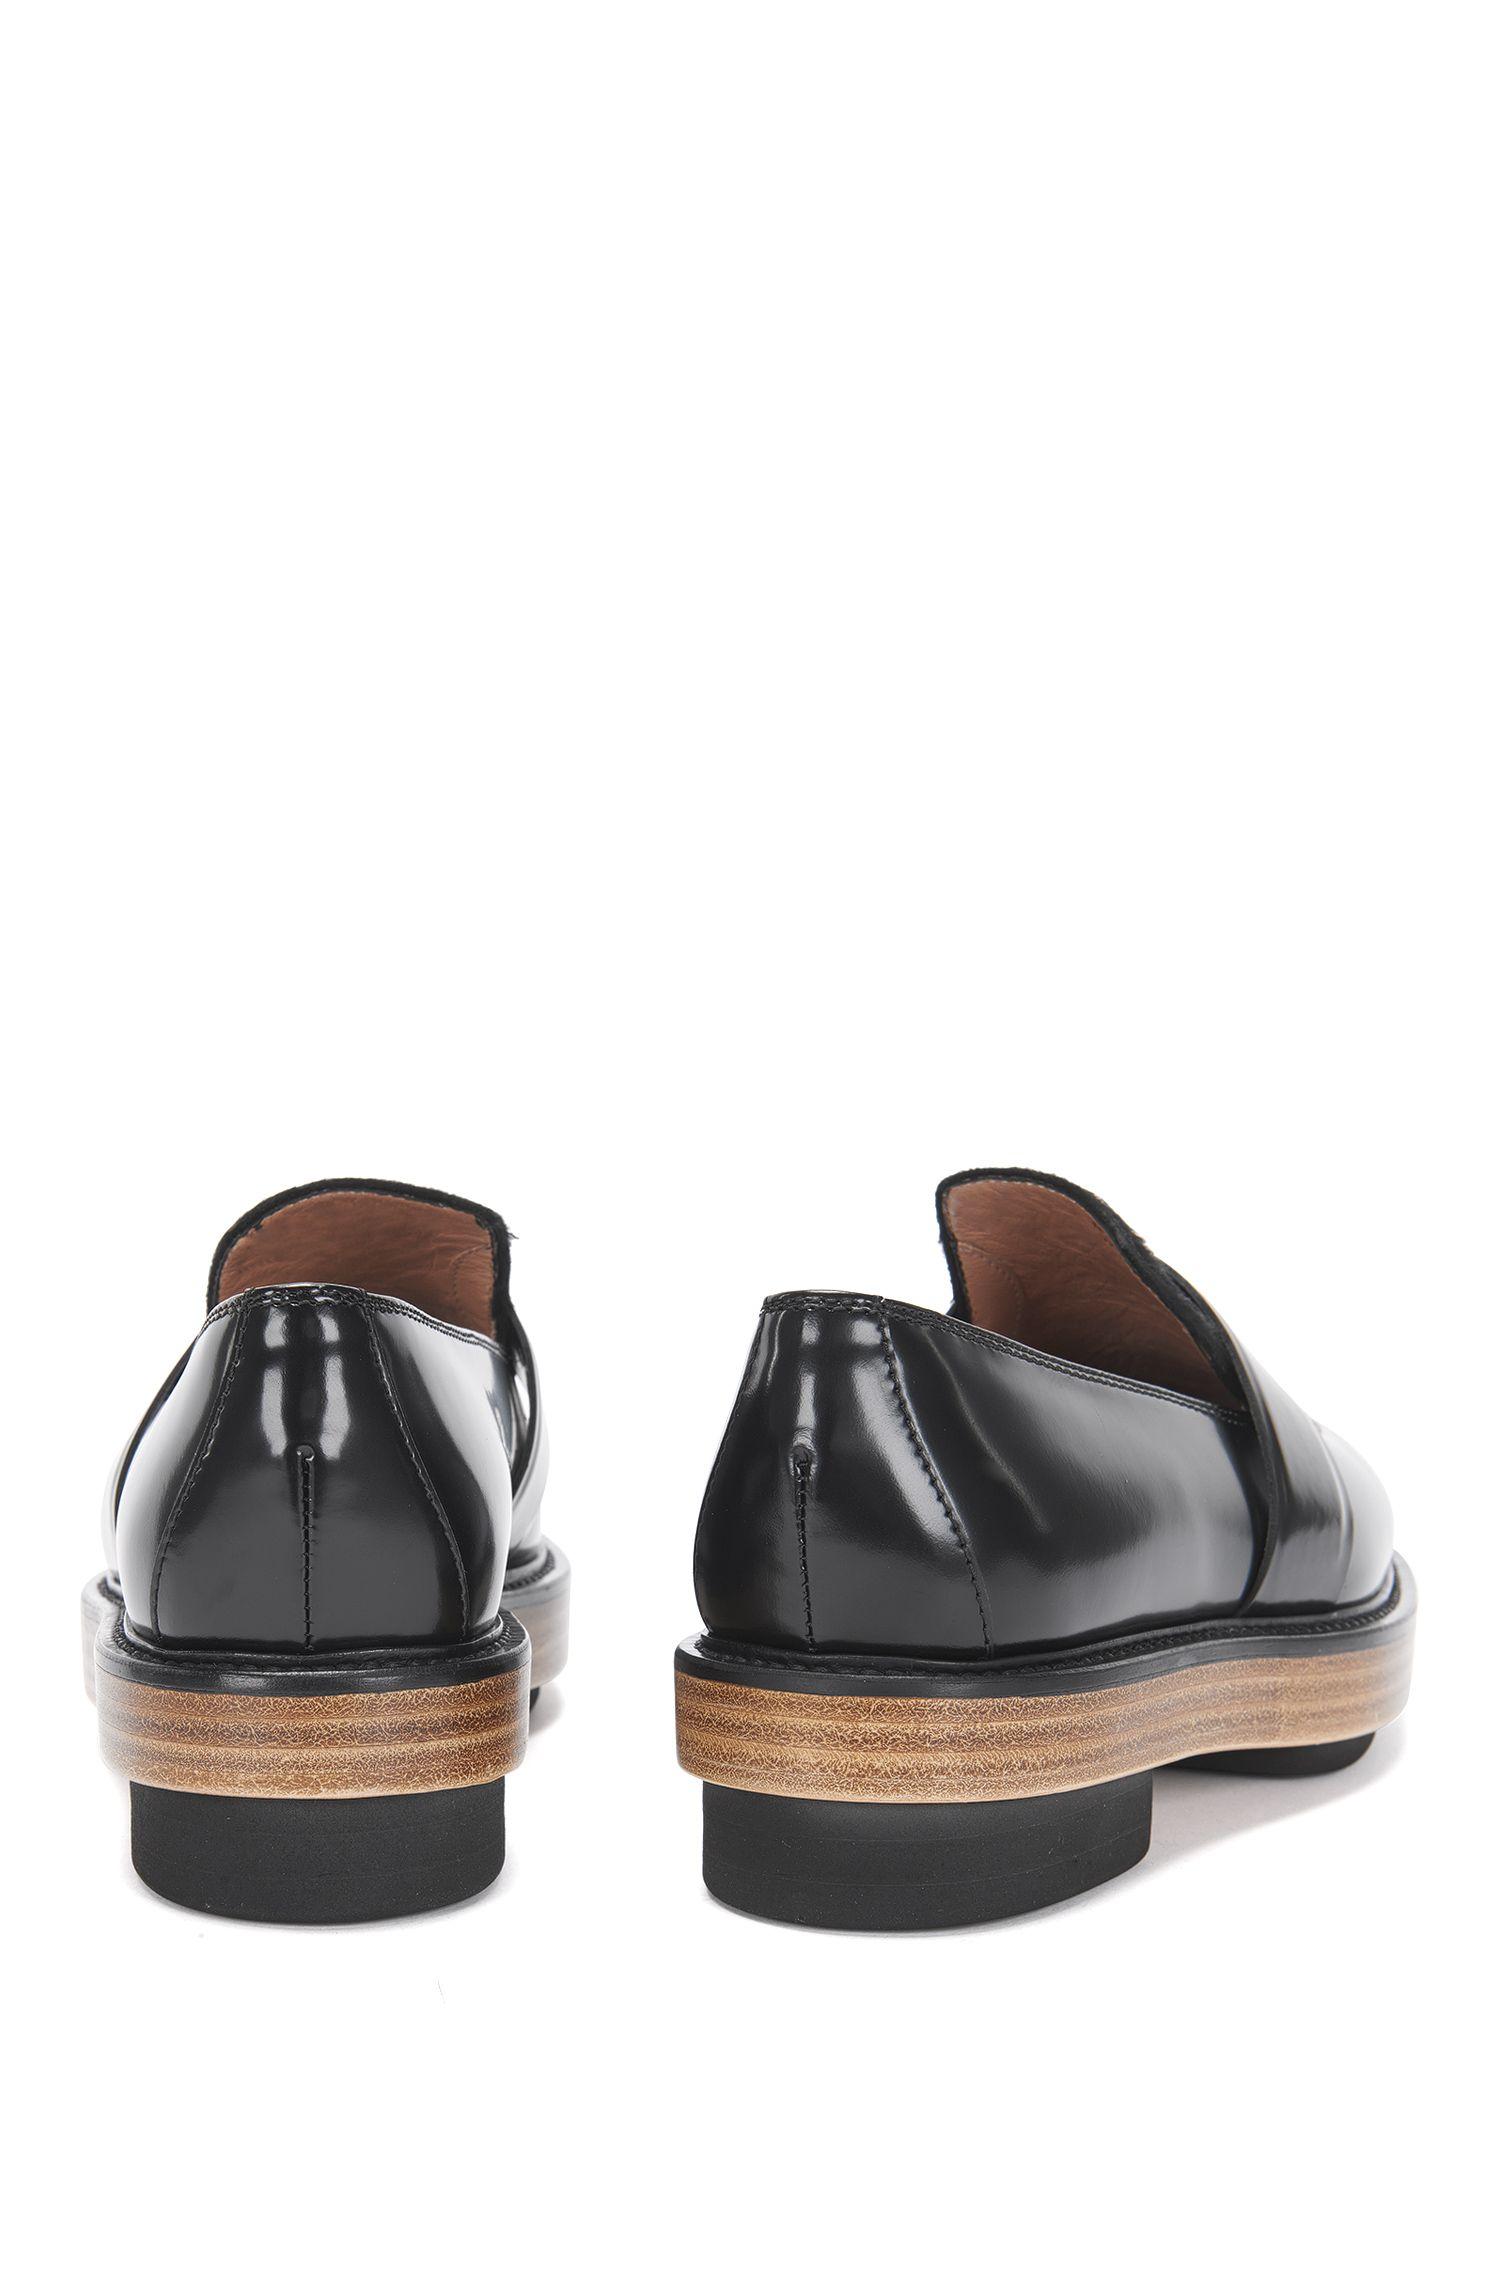 Runway Edition Loafer aus Leder mit Kalbsfell-Besatz: 'Loafer Platform'